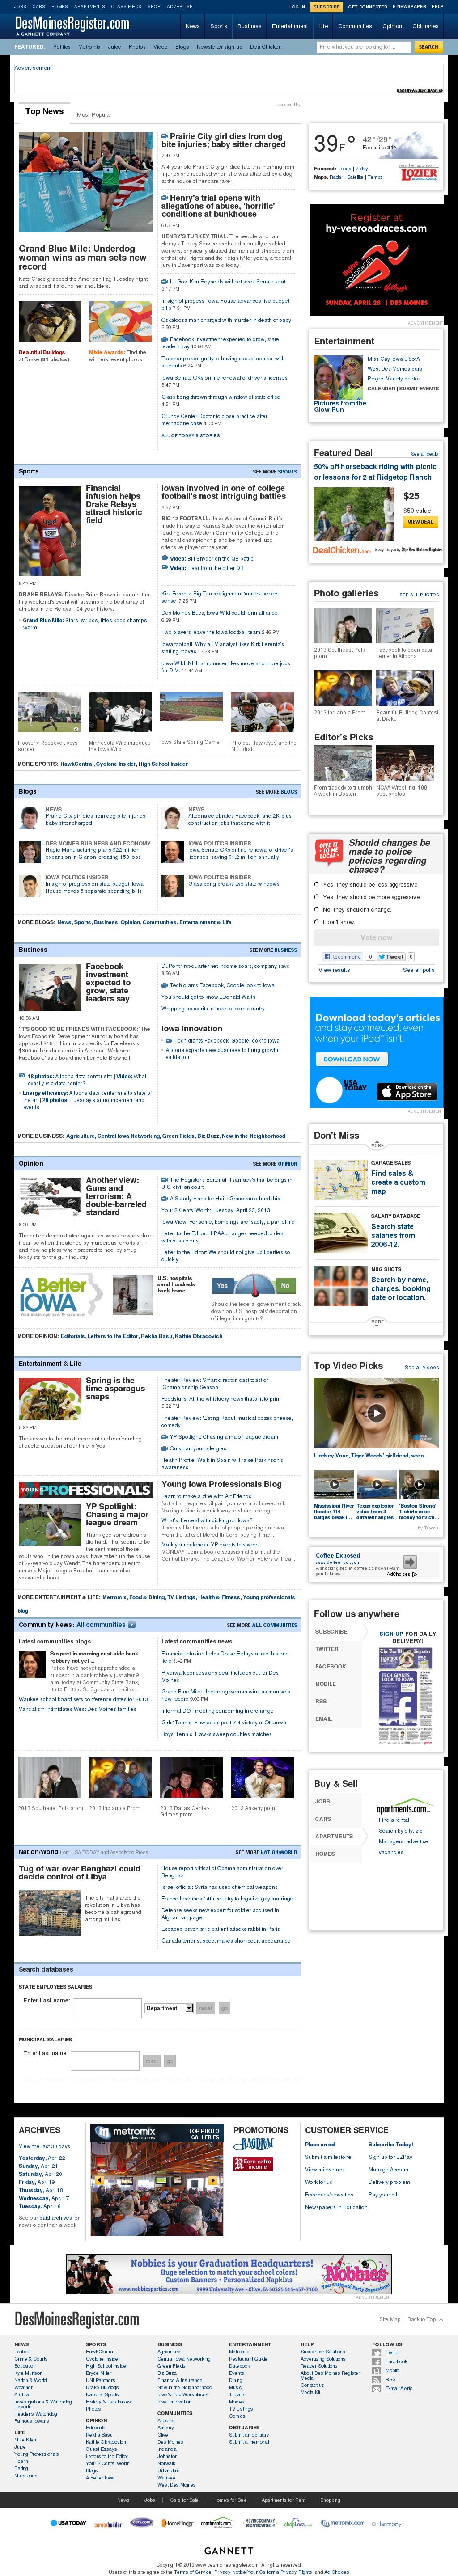 DesMoinesRegister.com at Wednesday April 24, 2013, 3:06 a.m. UTC